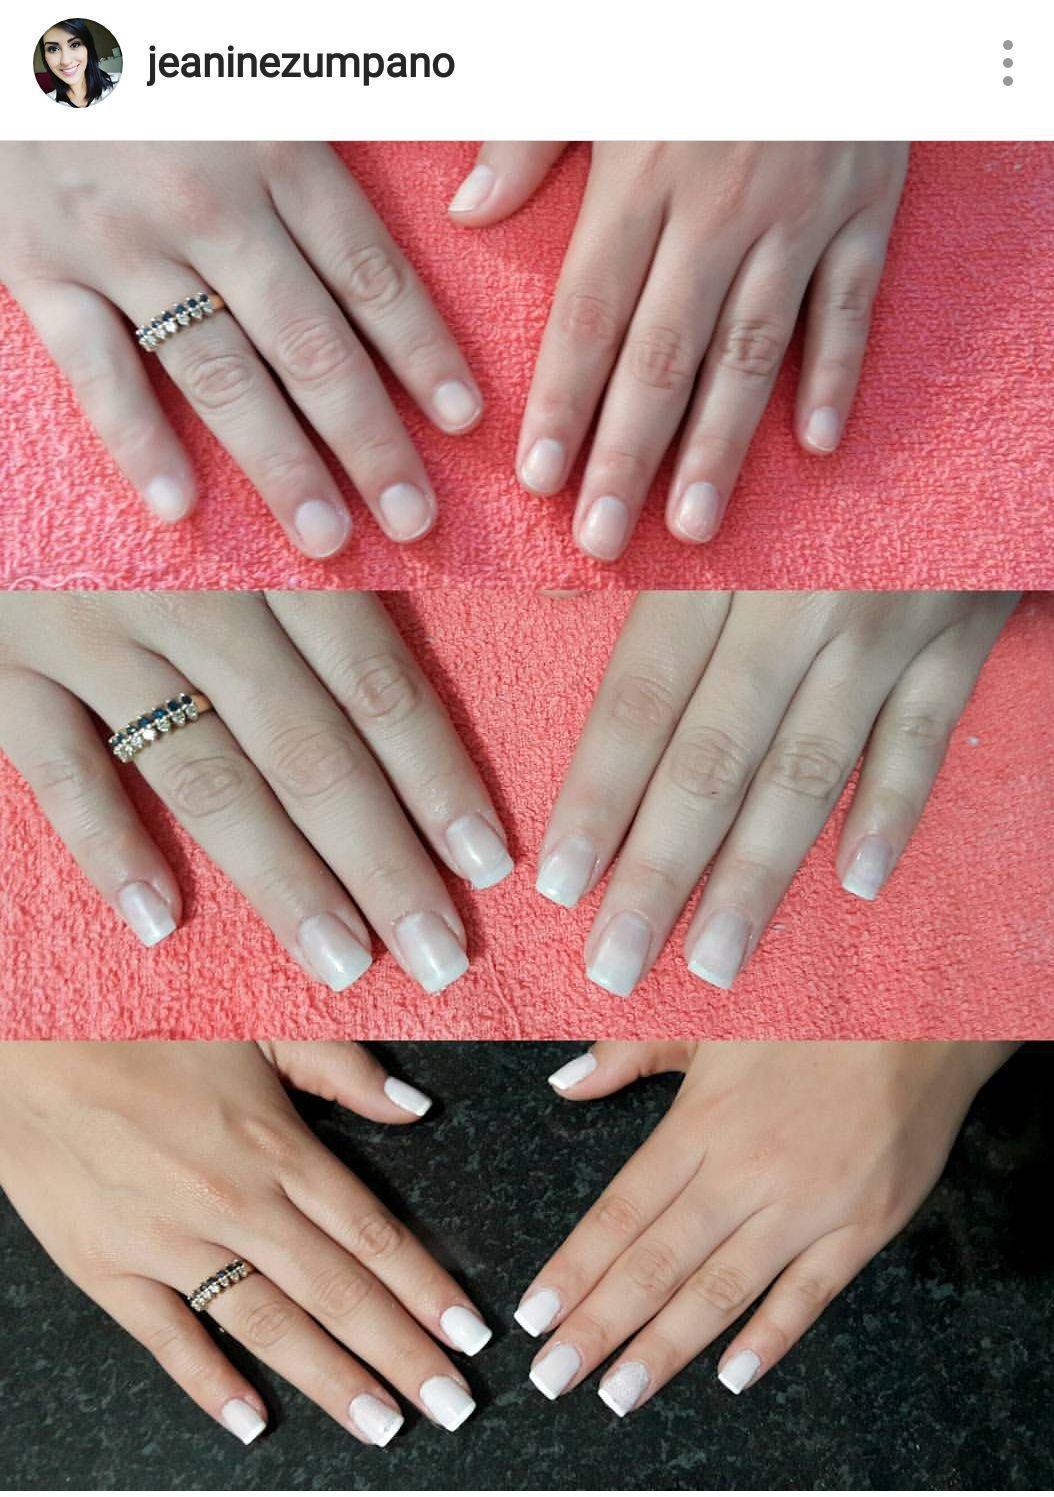 Alongamento gel unha manicure e pedicure manicure e pedicure manicure e pedicure recepcionista